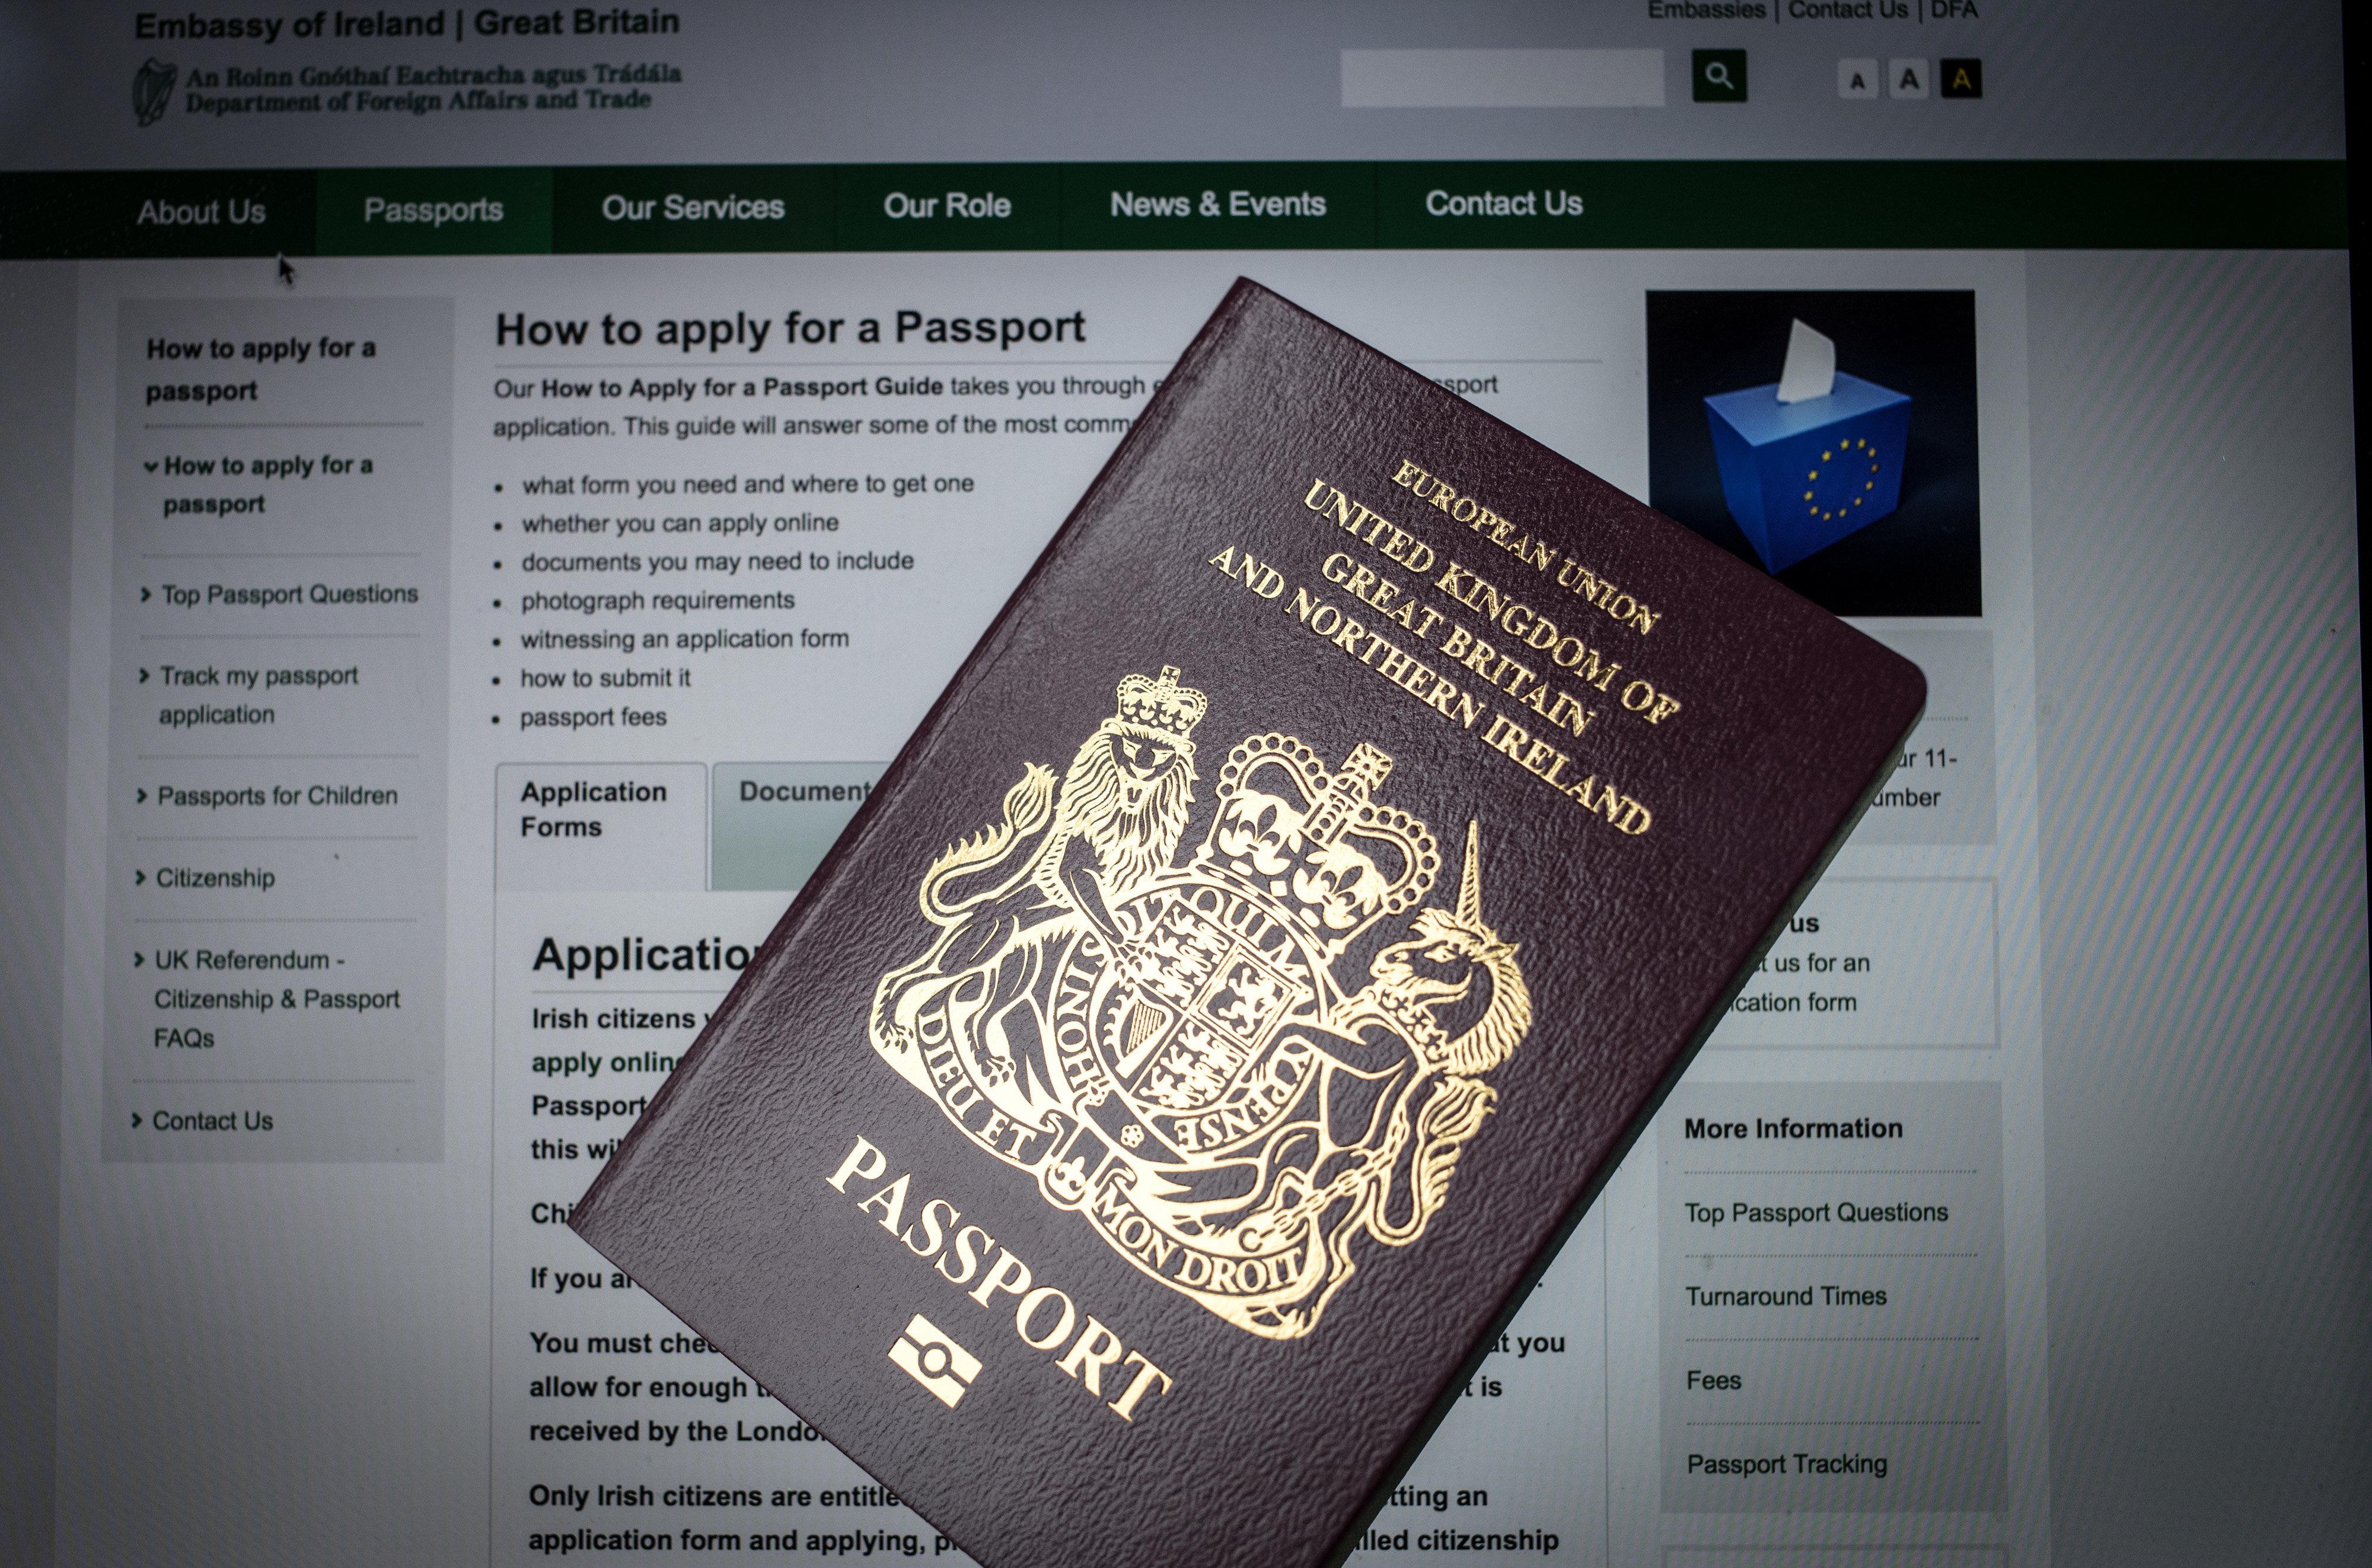 브렉시트 효과 : 북아일랜드에서 아일랜드 여권 신청이 급증하고